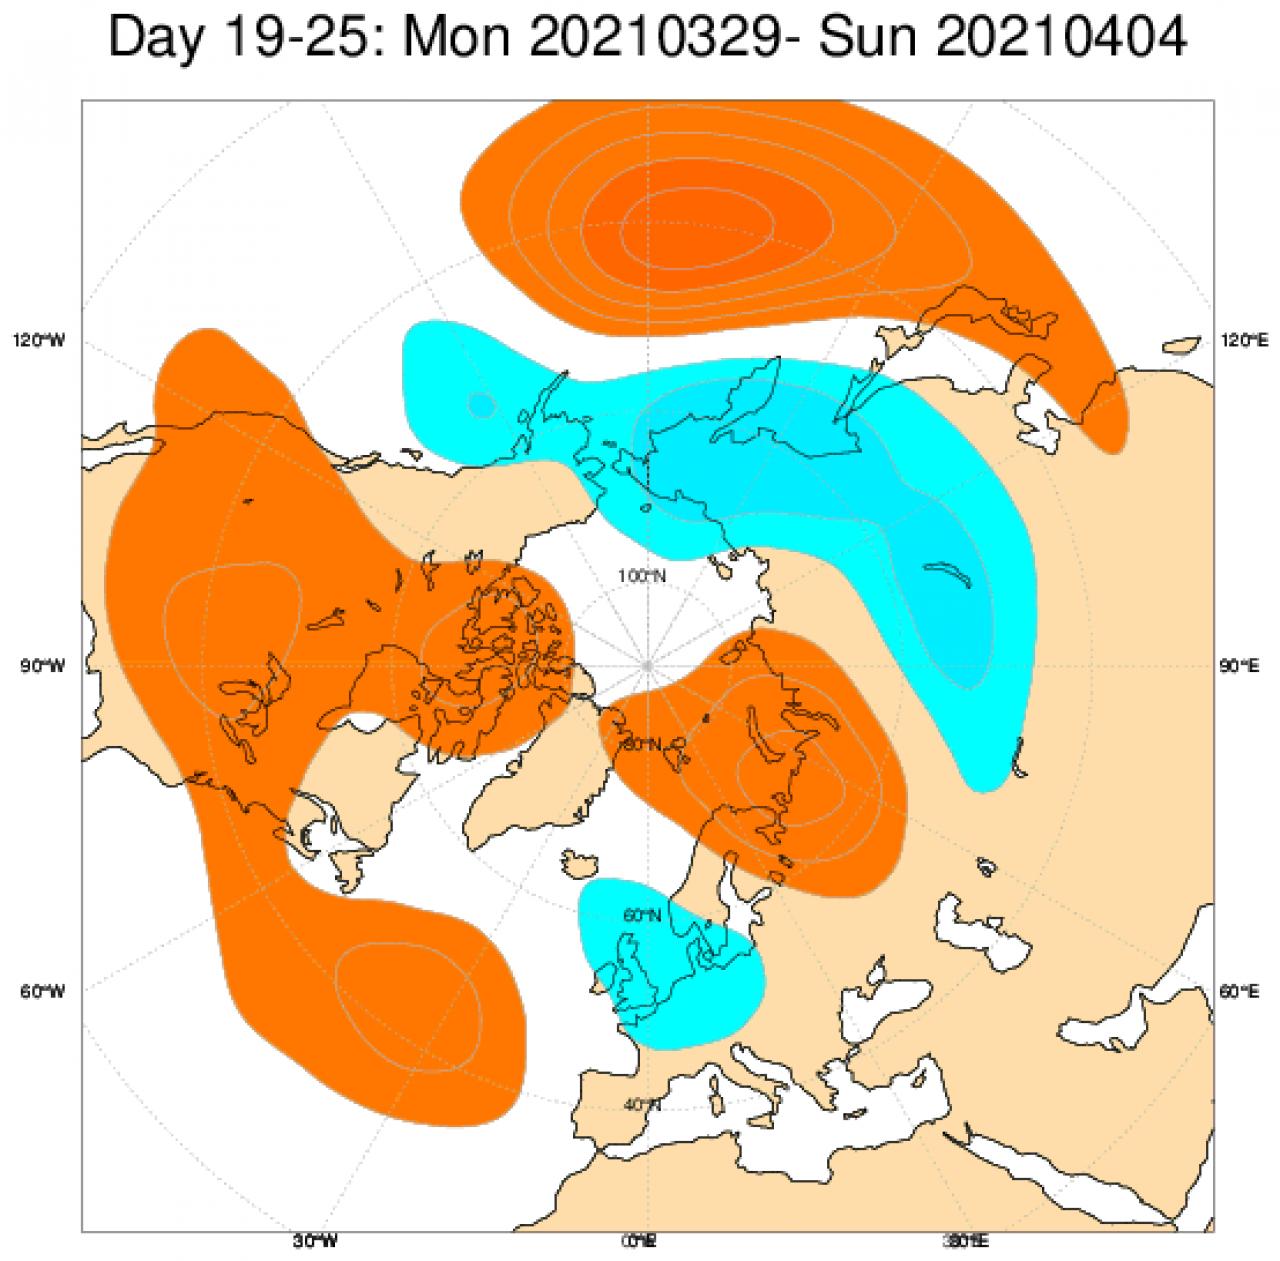 Anomalie di geopotenziale (in blu negative, in arancione positive) secondo il modello ECMWF mediate per il periodo 29 marzo - 4 aprile